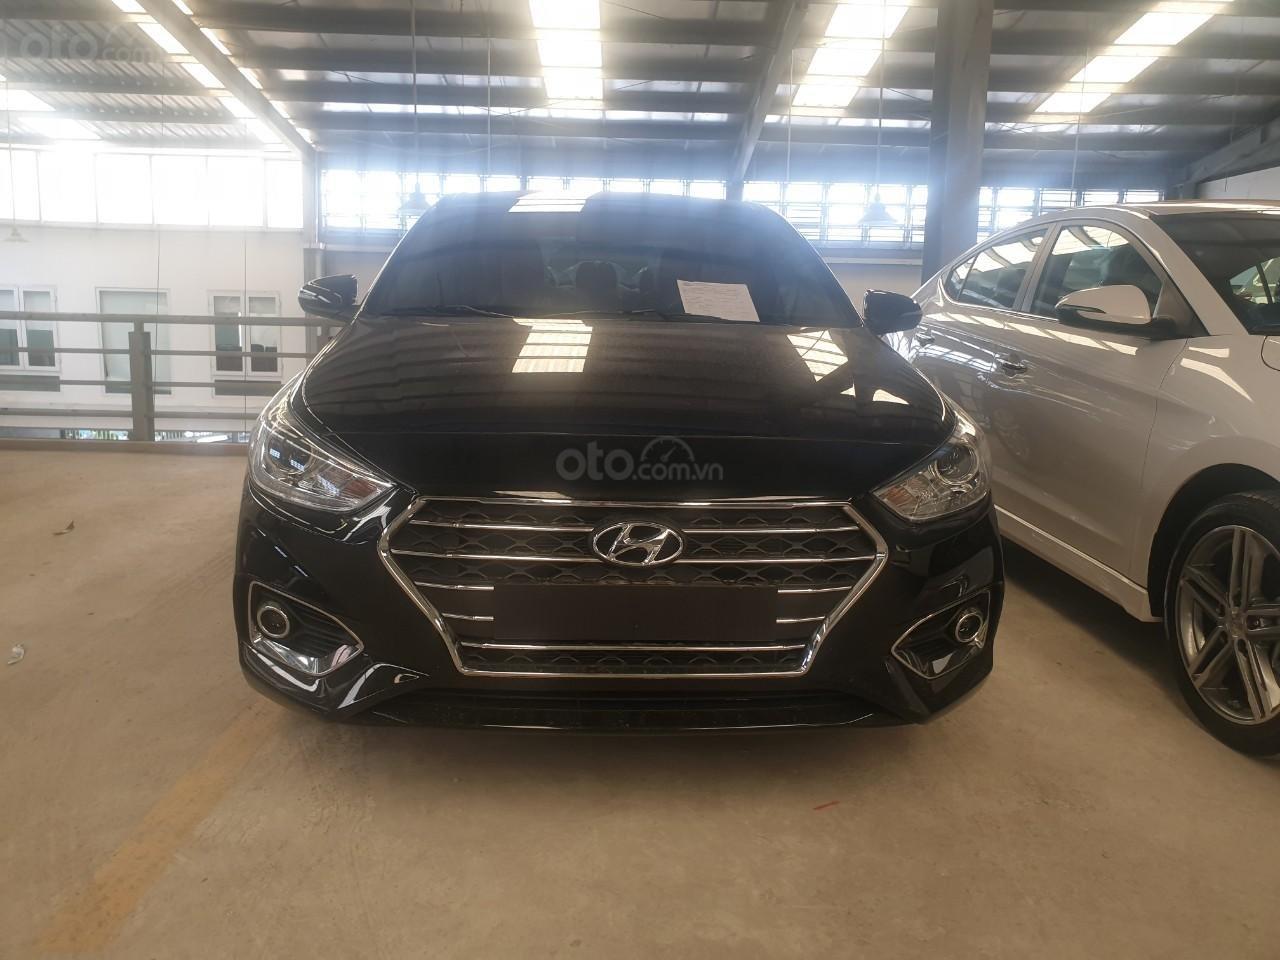 Bán Hyundai Accent số 2019, đủ màu trả trước 150tr, liên hệ Mr. Quang 0936167272 (1)